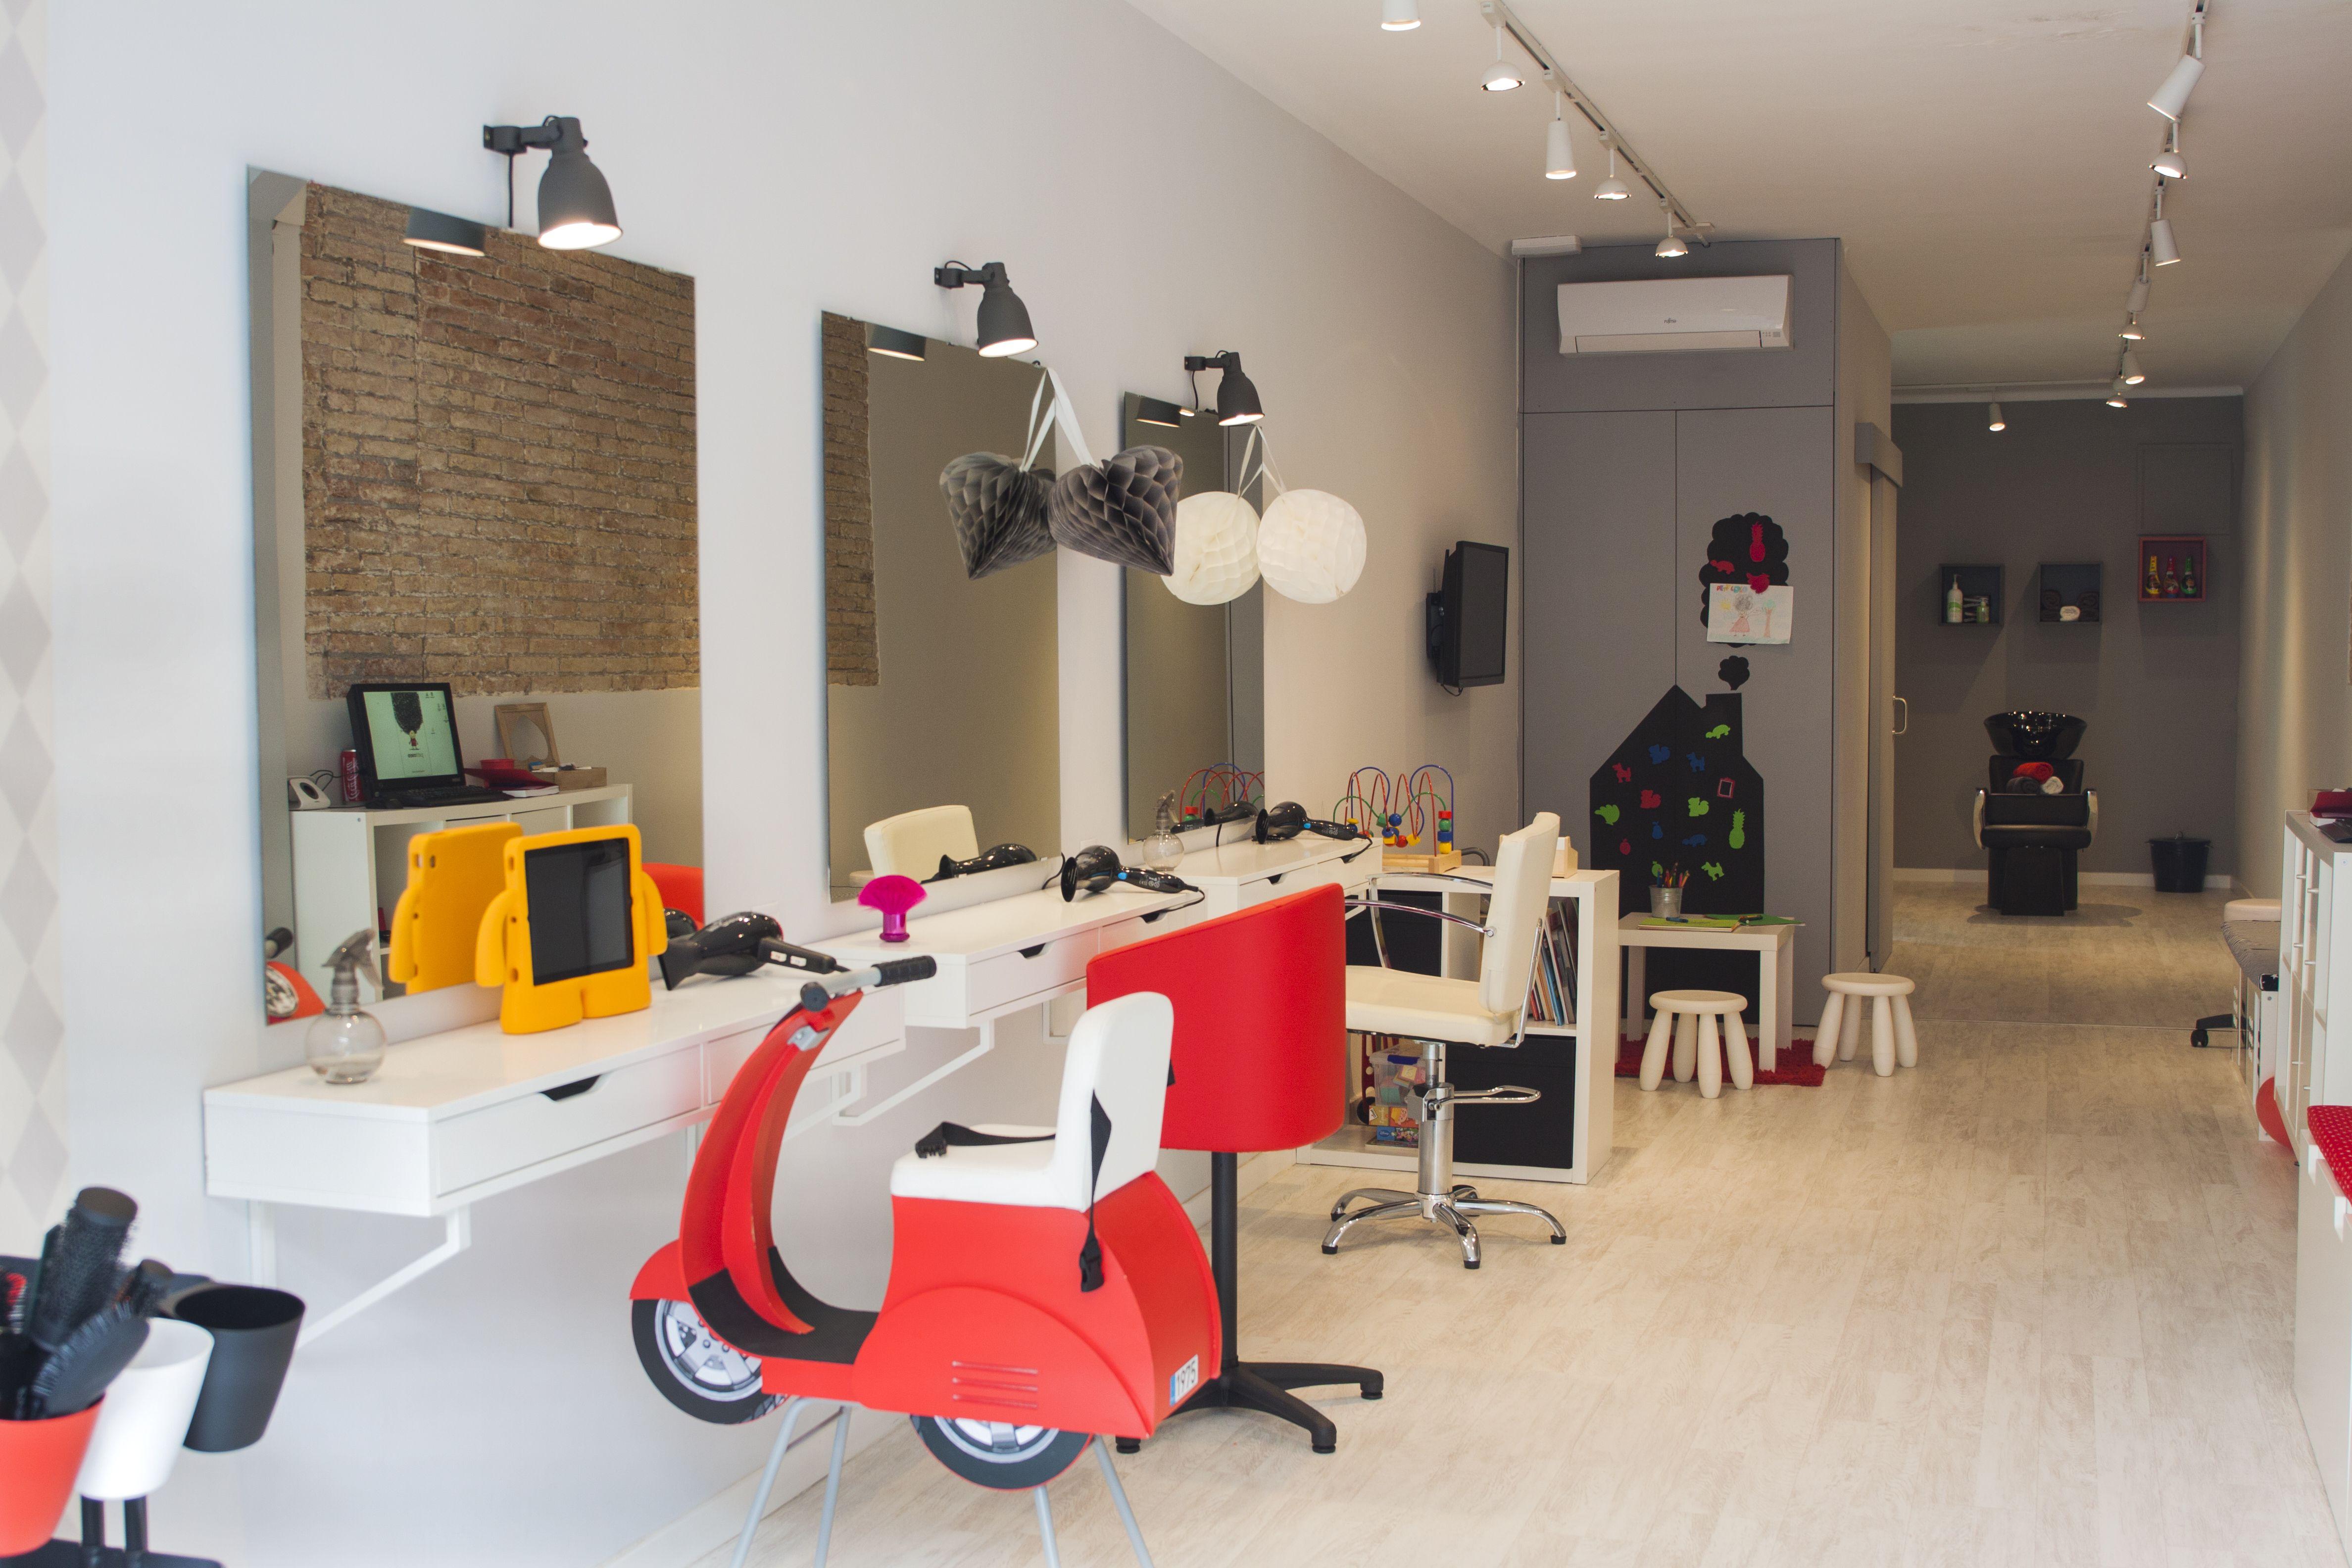 Peluquería Infantil En Barcelona Childrens Salon Kids Salon Kids Barber